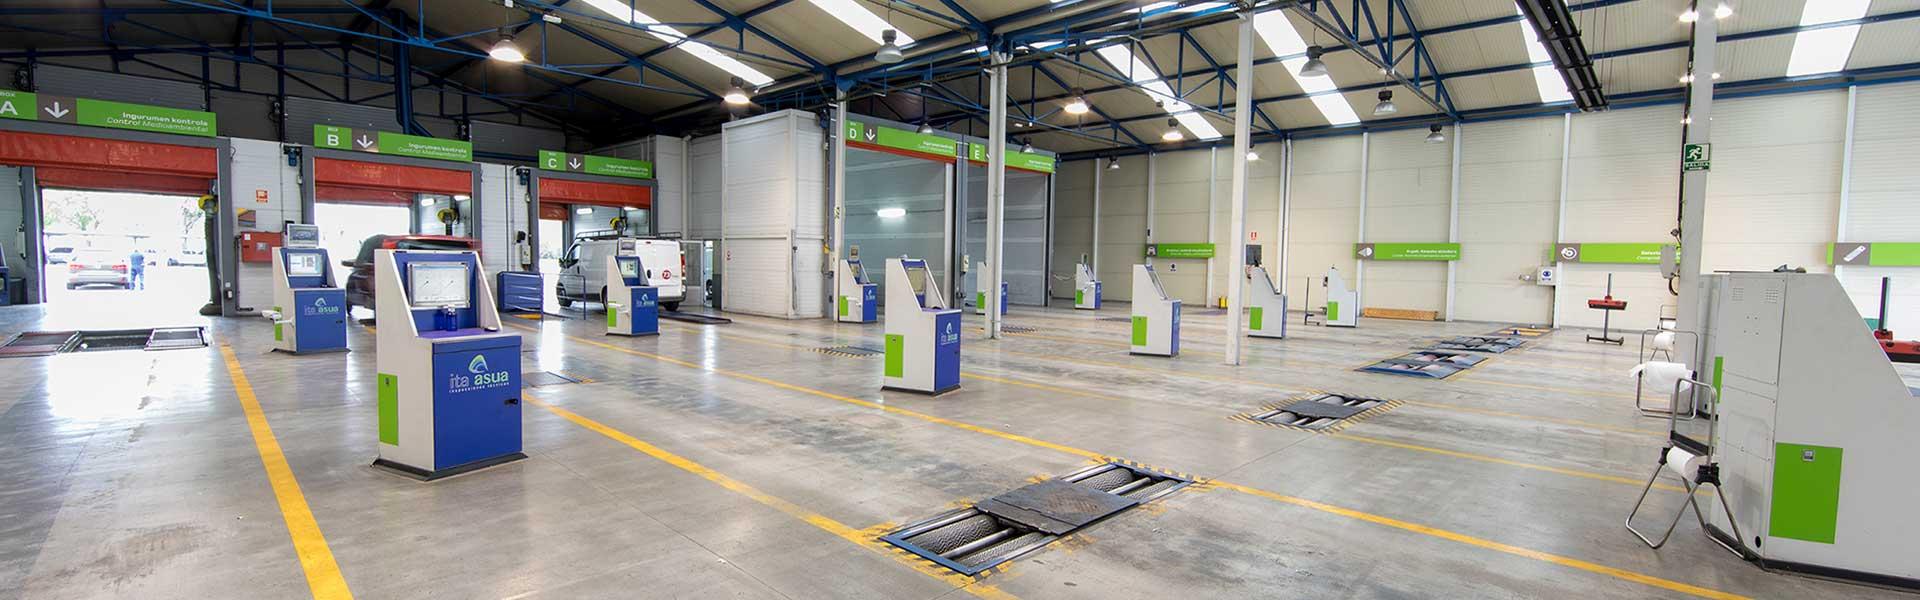 ITA ASUA - Inspecciones Técnicas de Vehículos - ITV País Vasco (Bergara - Jundiz)